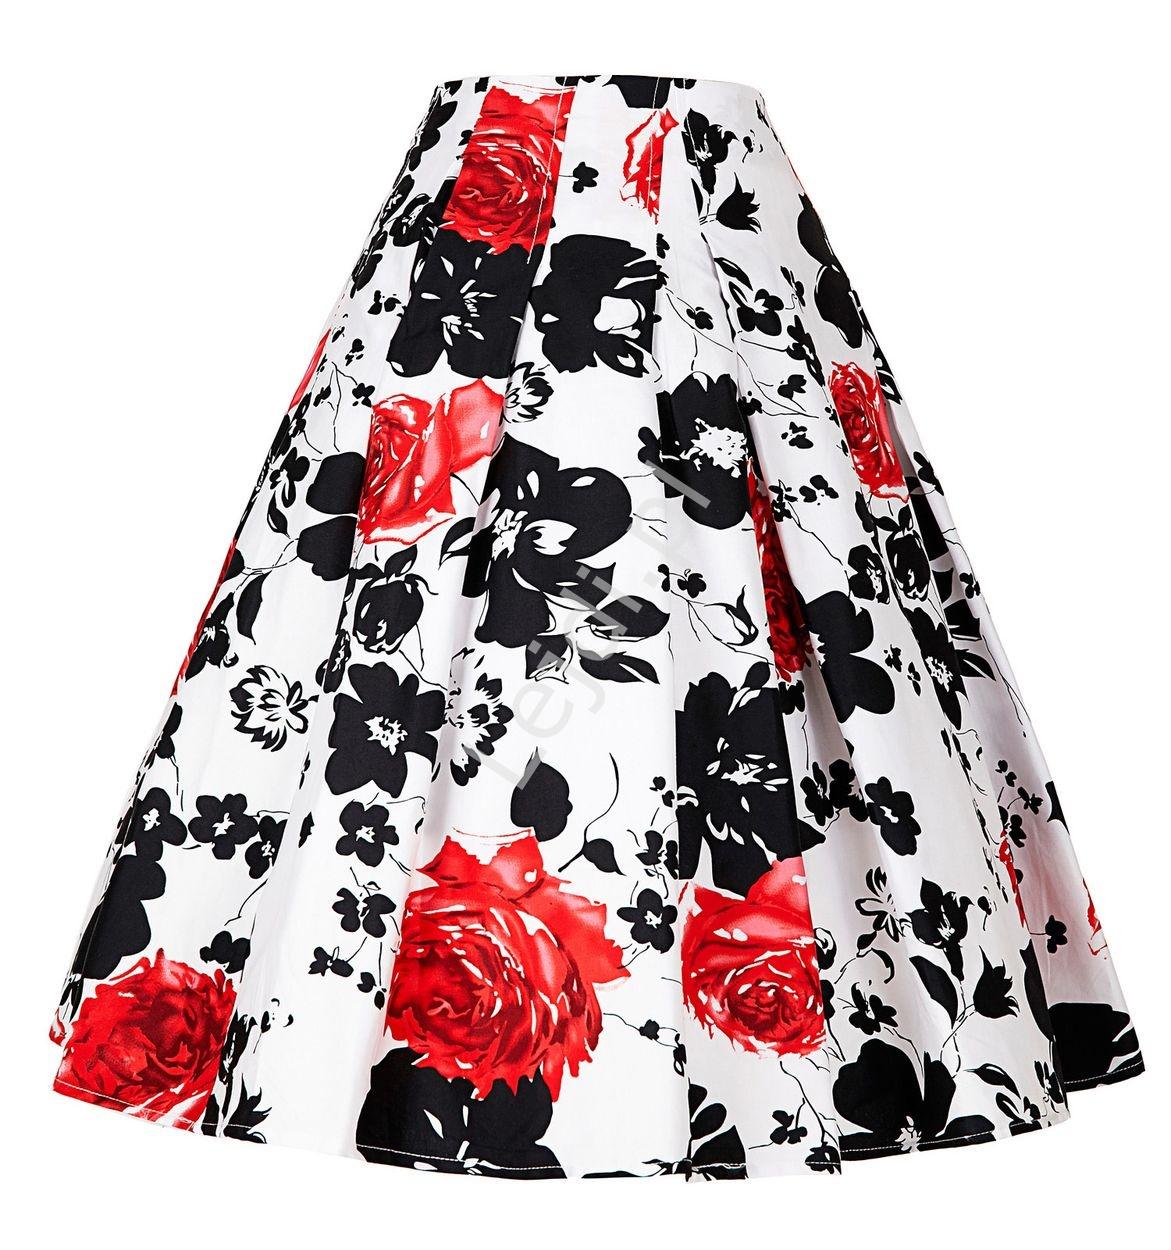 Rozkloszowana spódnica w czarno czerwone kwiaty | Biała spódnica retro pin-up